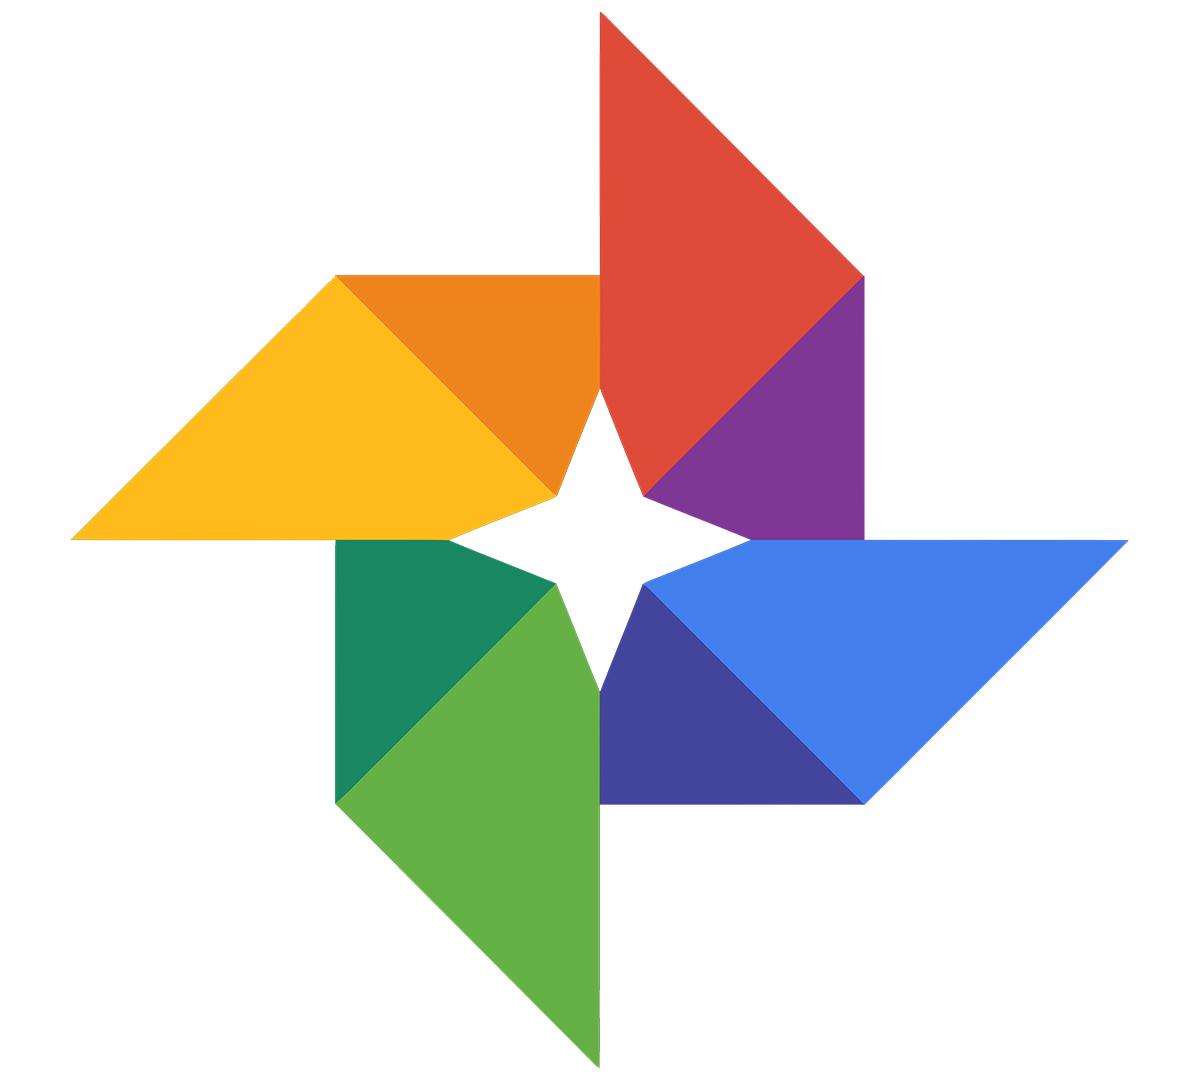 Cómo buscar imágenes en Google Fotos